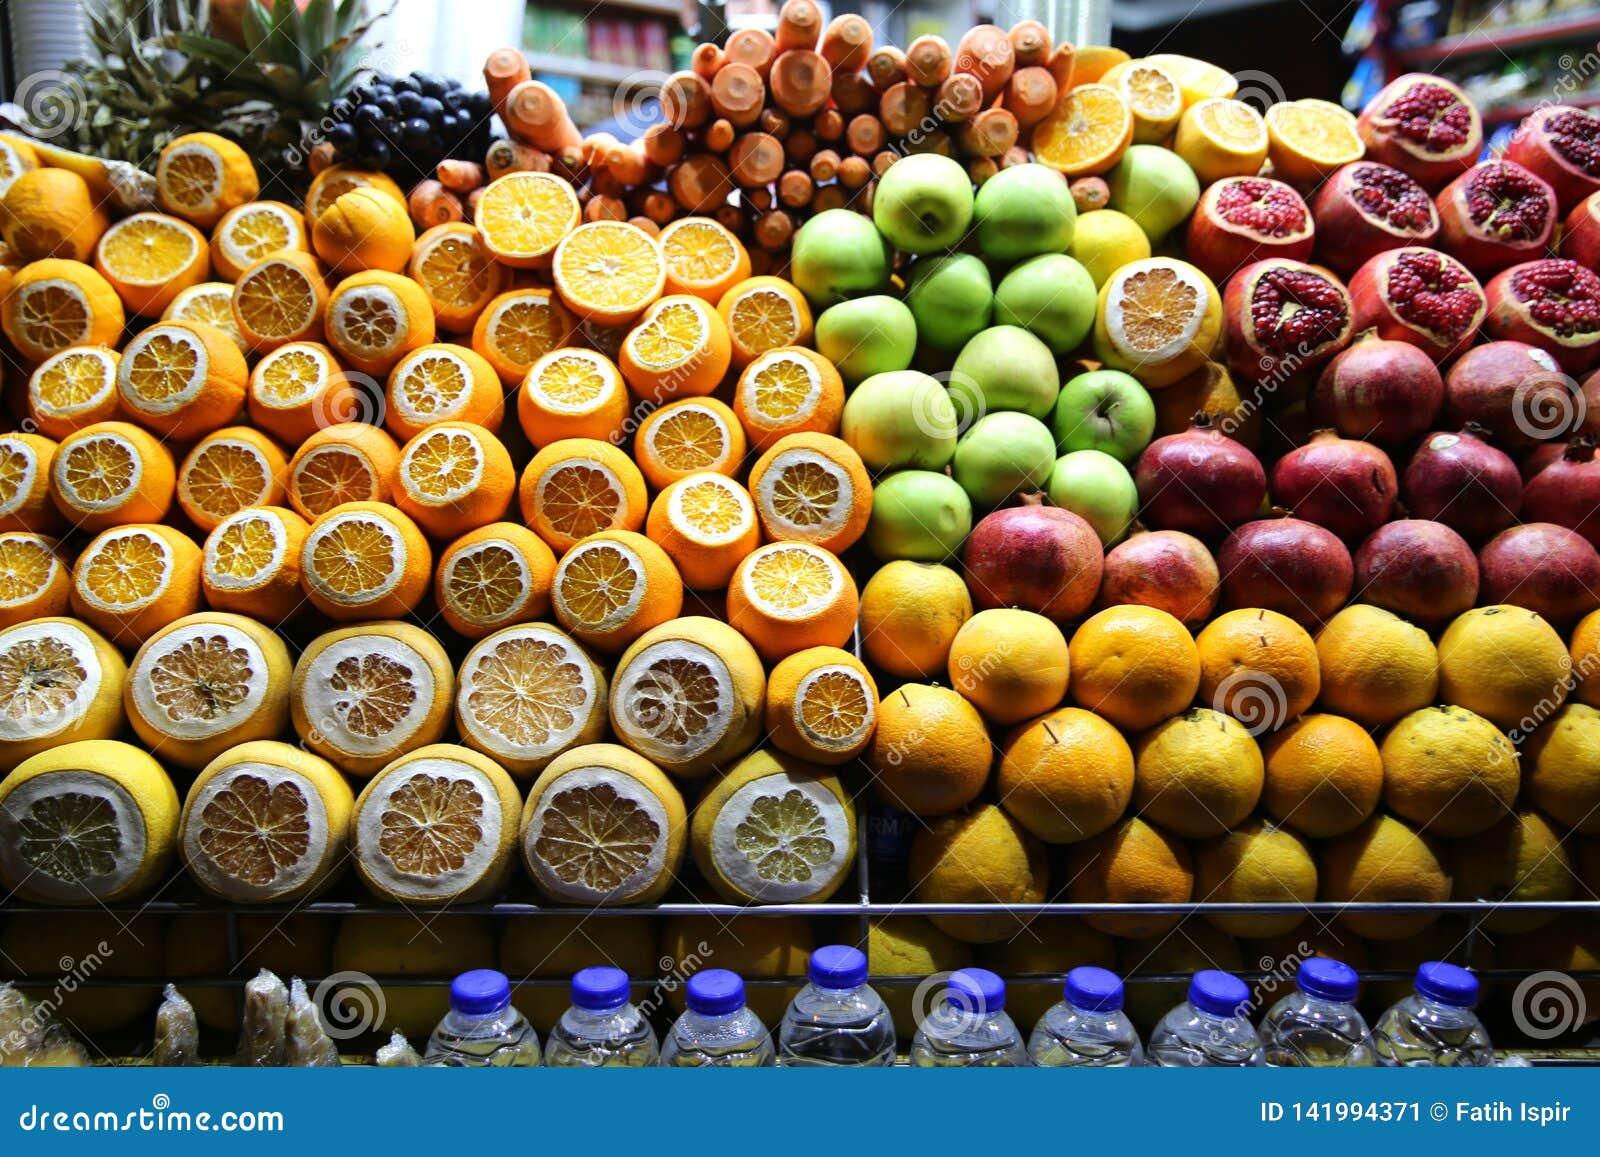 果汁商店在贝伊奥卢Ä°stanbul